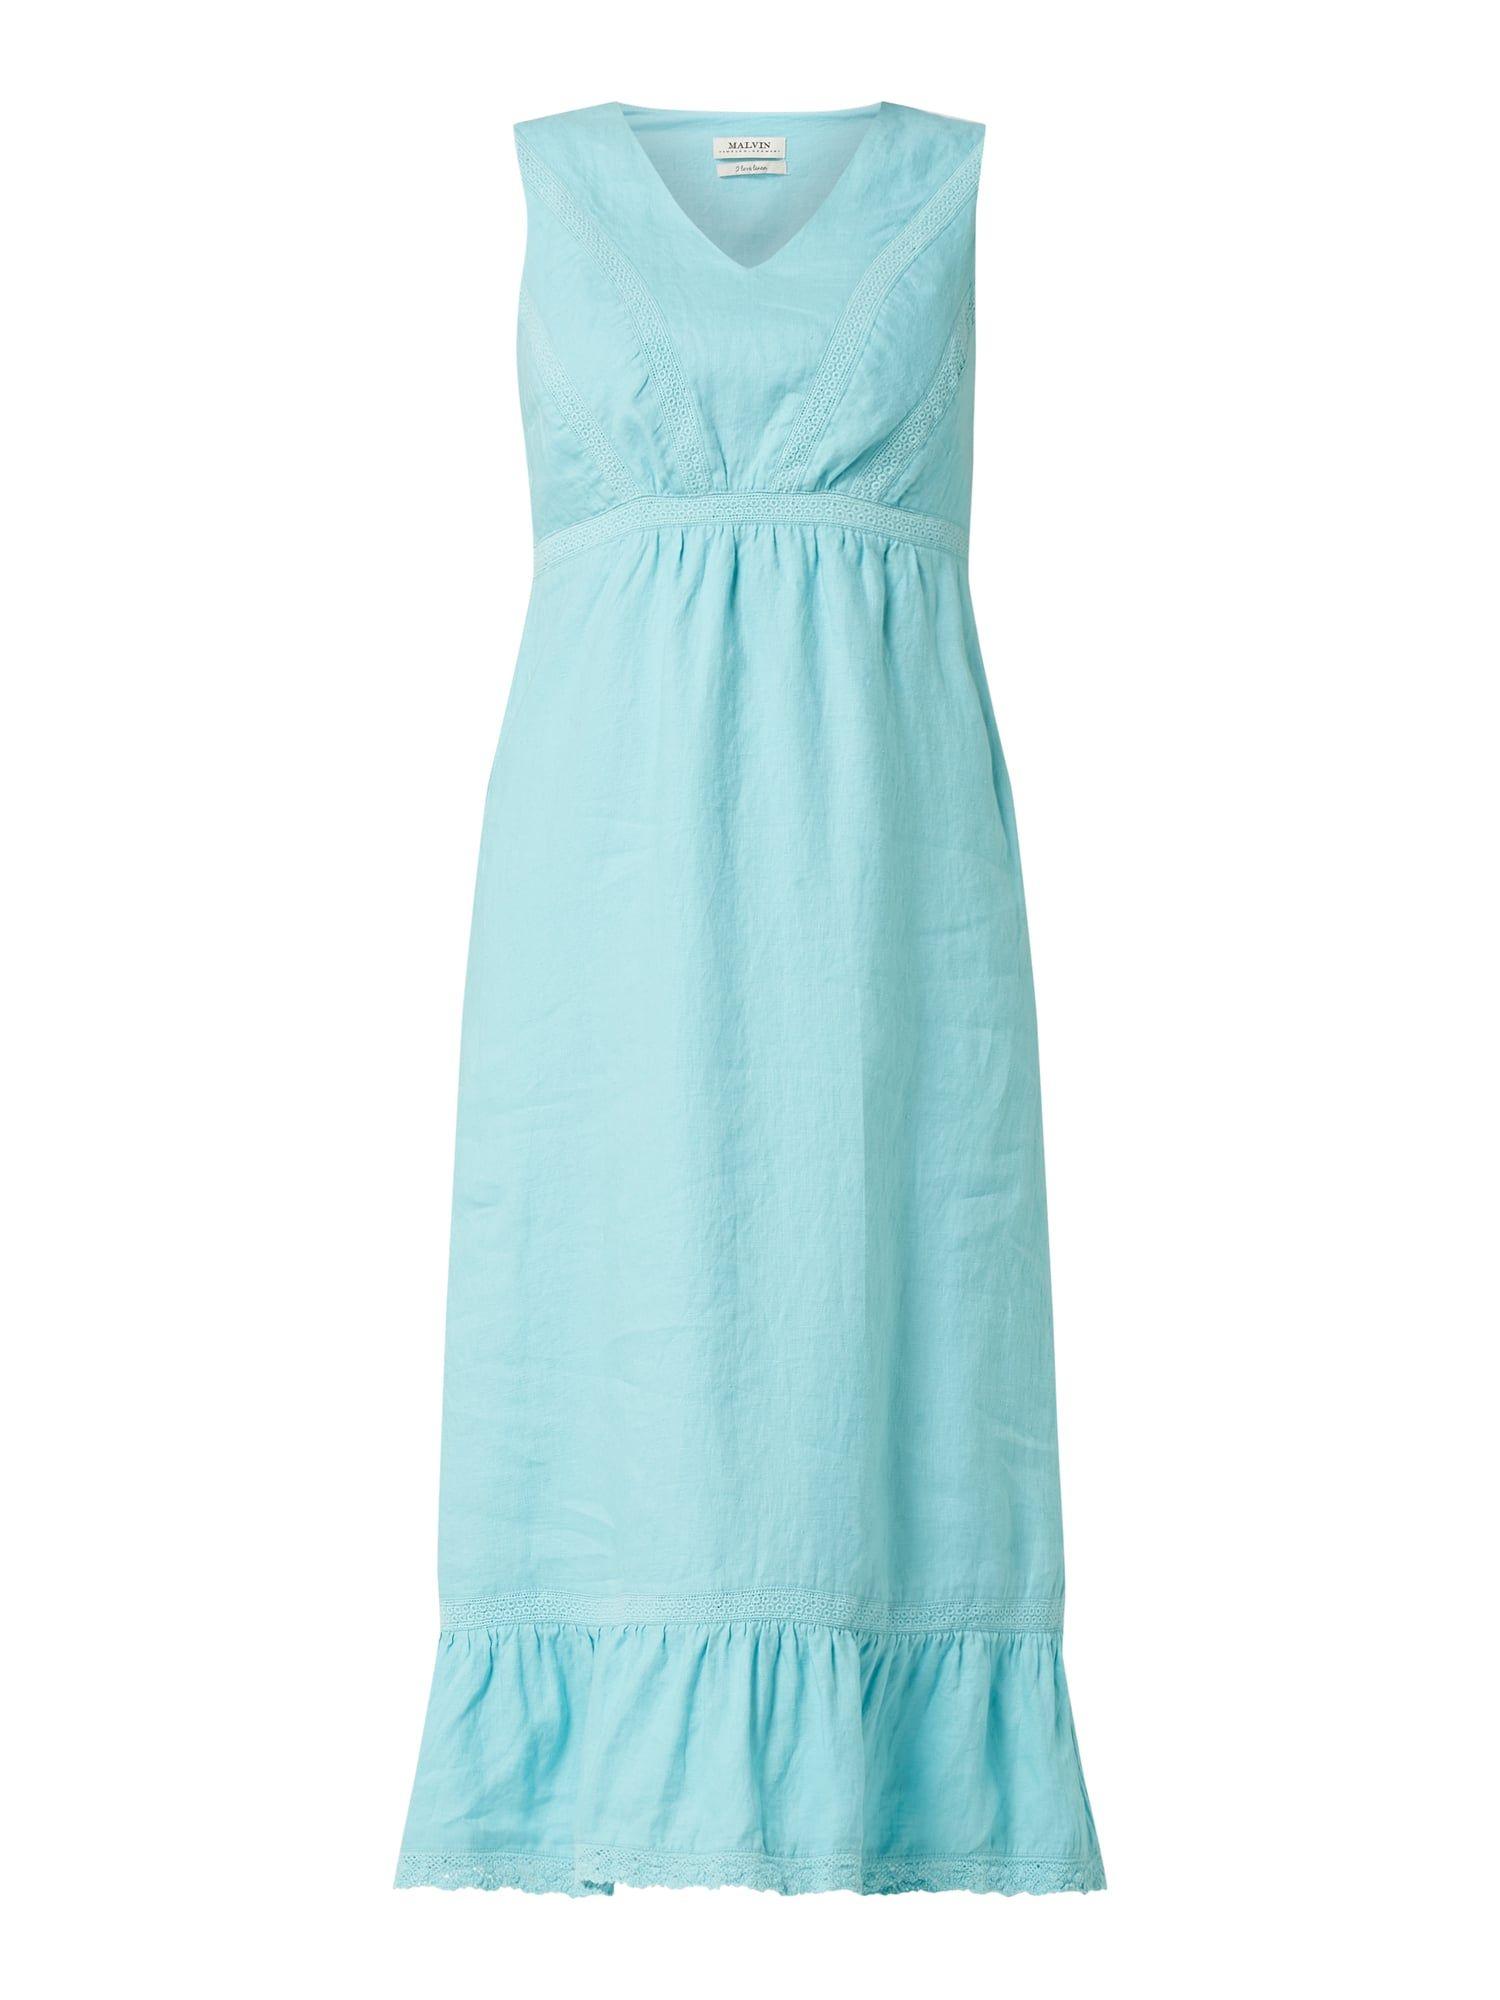 Bei ➧ P&C Freizeitkleider von MALVIN ✓ Jetzt MALVIN Kleid aus